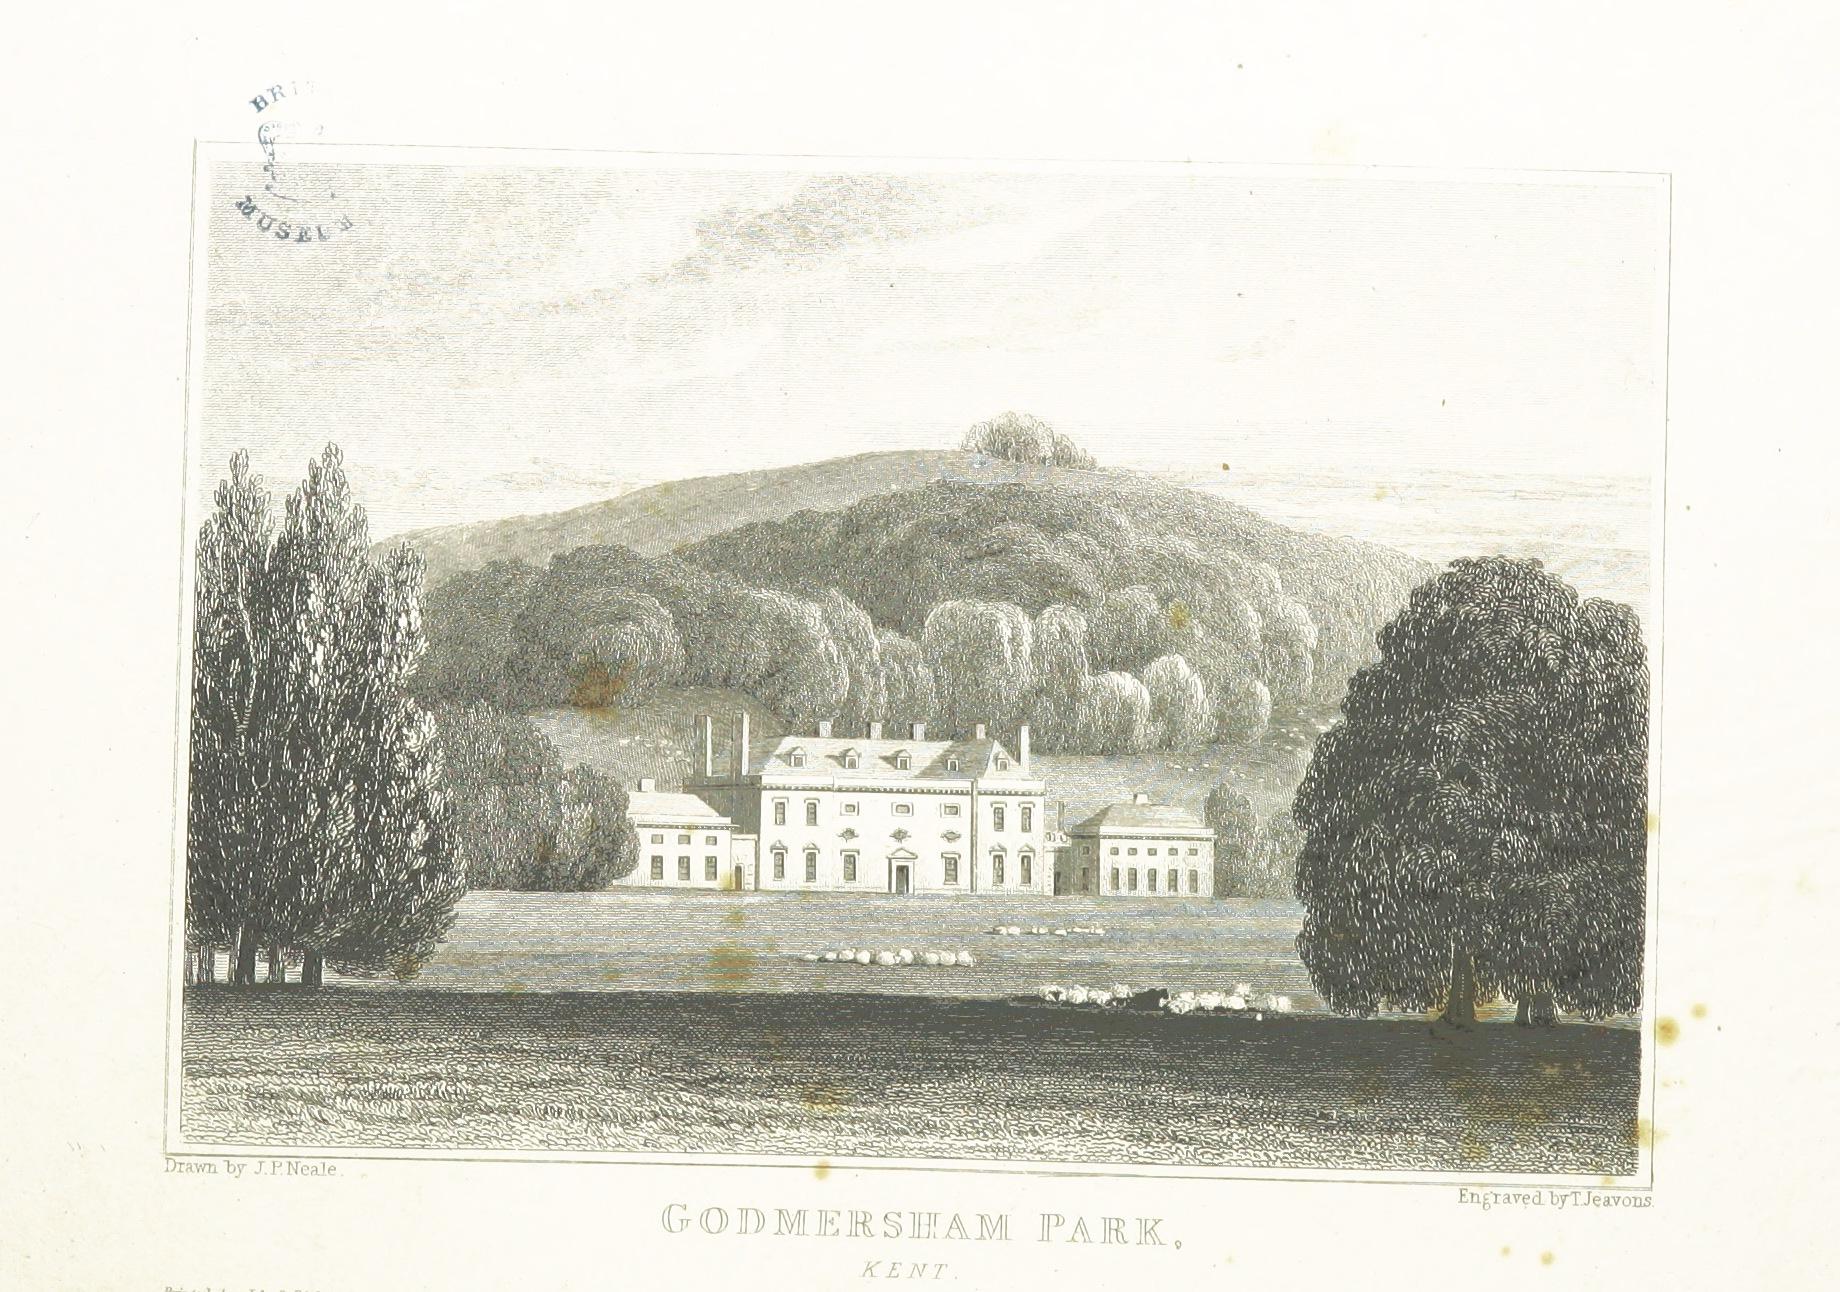 Engraving of Godmersham Park, Kent